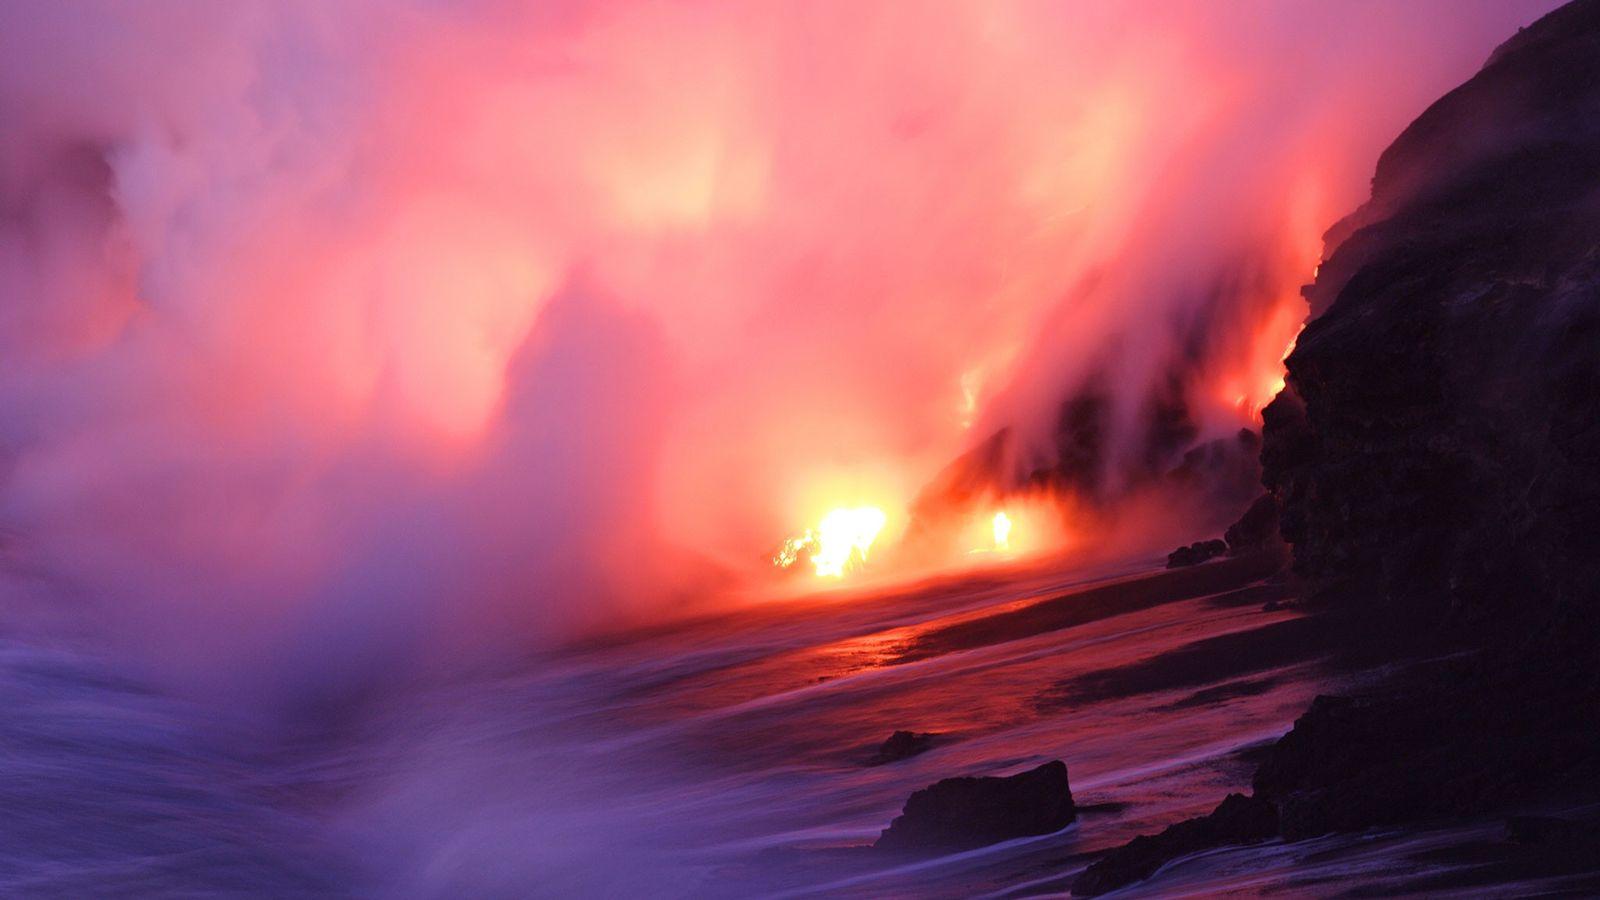 Rocha derretida escorreu como água do vulcão Kīlauea, no Havaí, no segundo semestre deste ano, destruindo ...